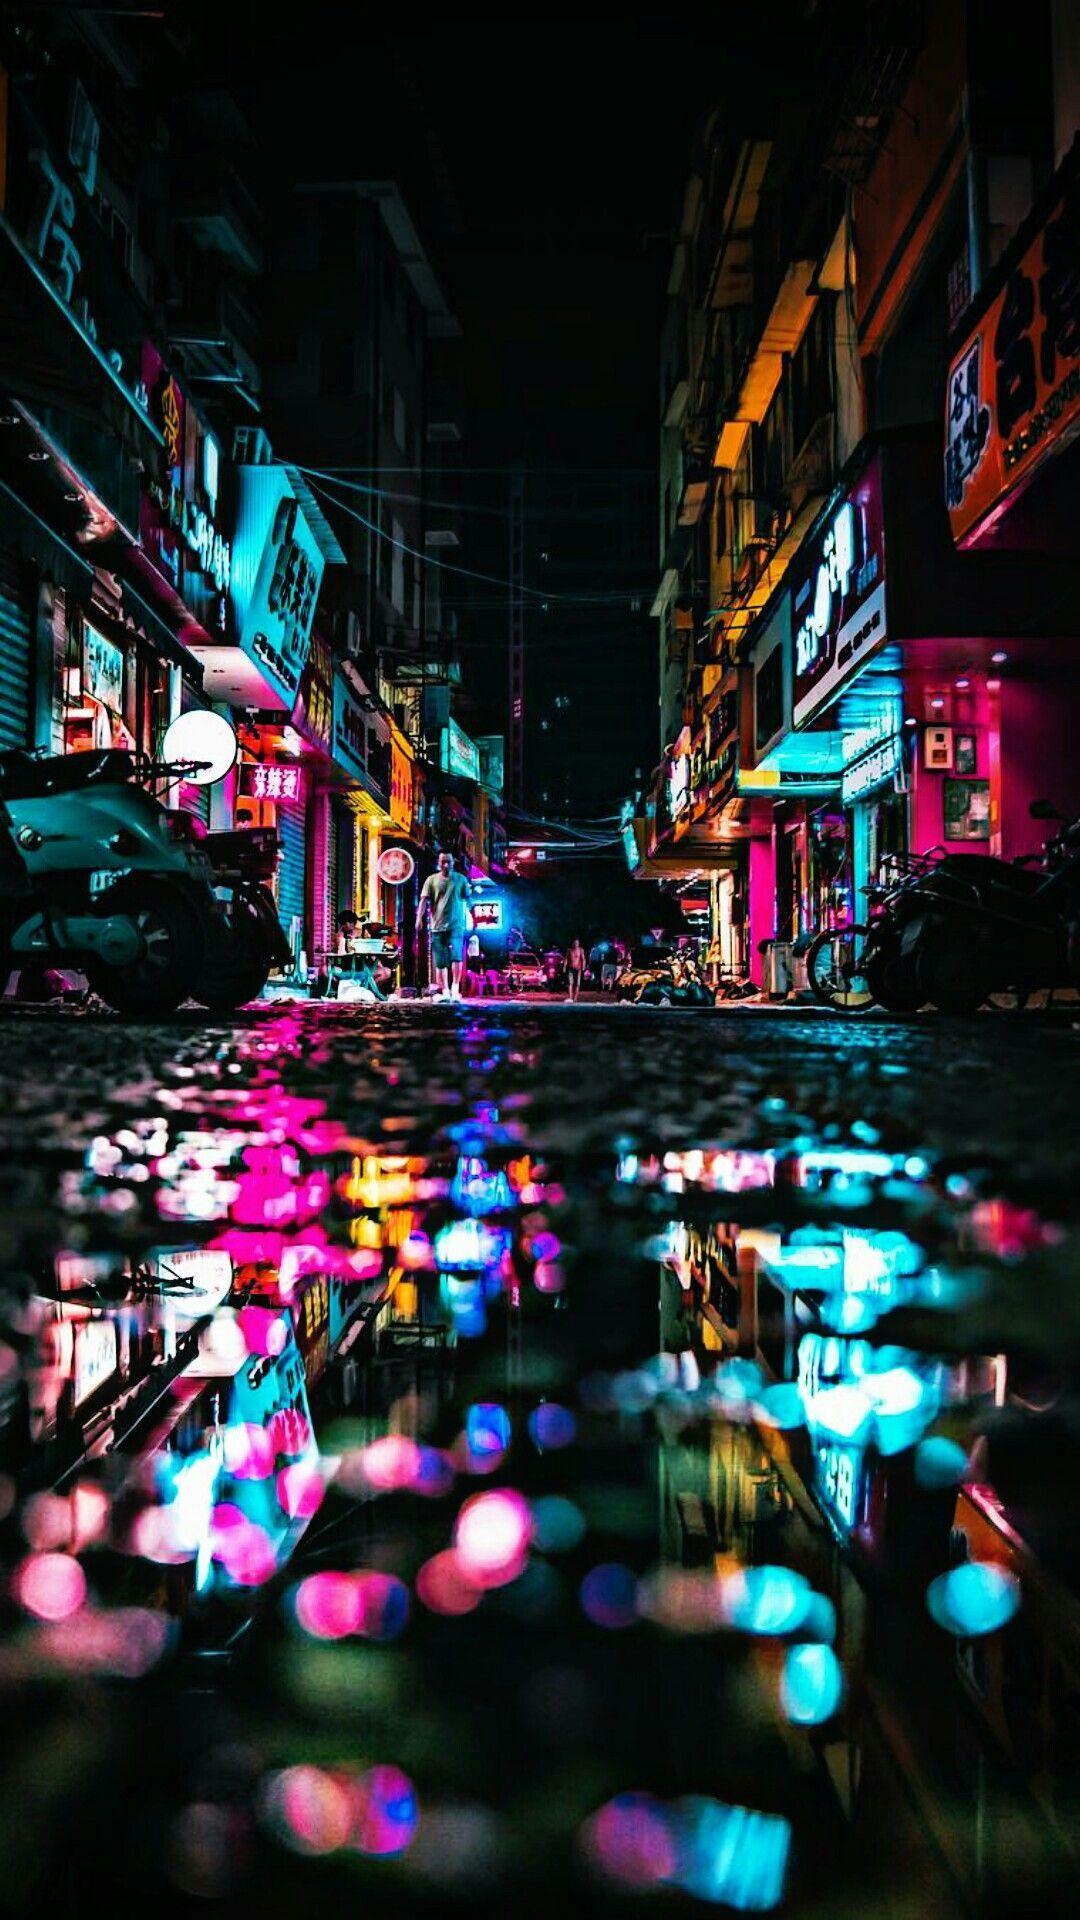 人気3位 サイバーパンクな雰囲気の夜の街 Iphonex スマホ壁紙 待受画像ギャラリー ホーム 画面 画像 街角フォト 夜の写真